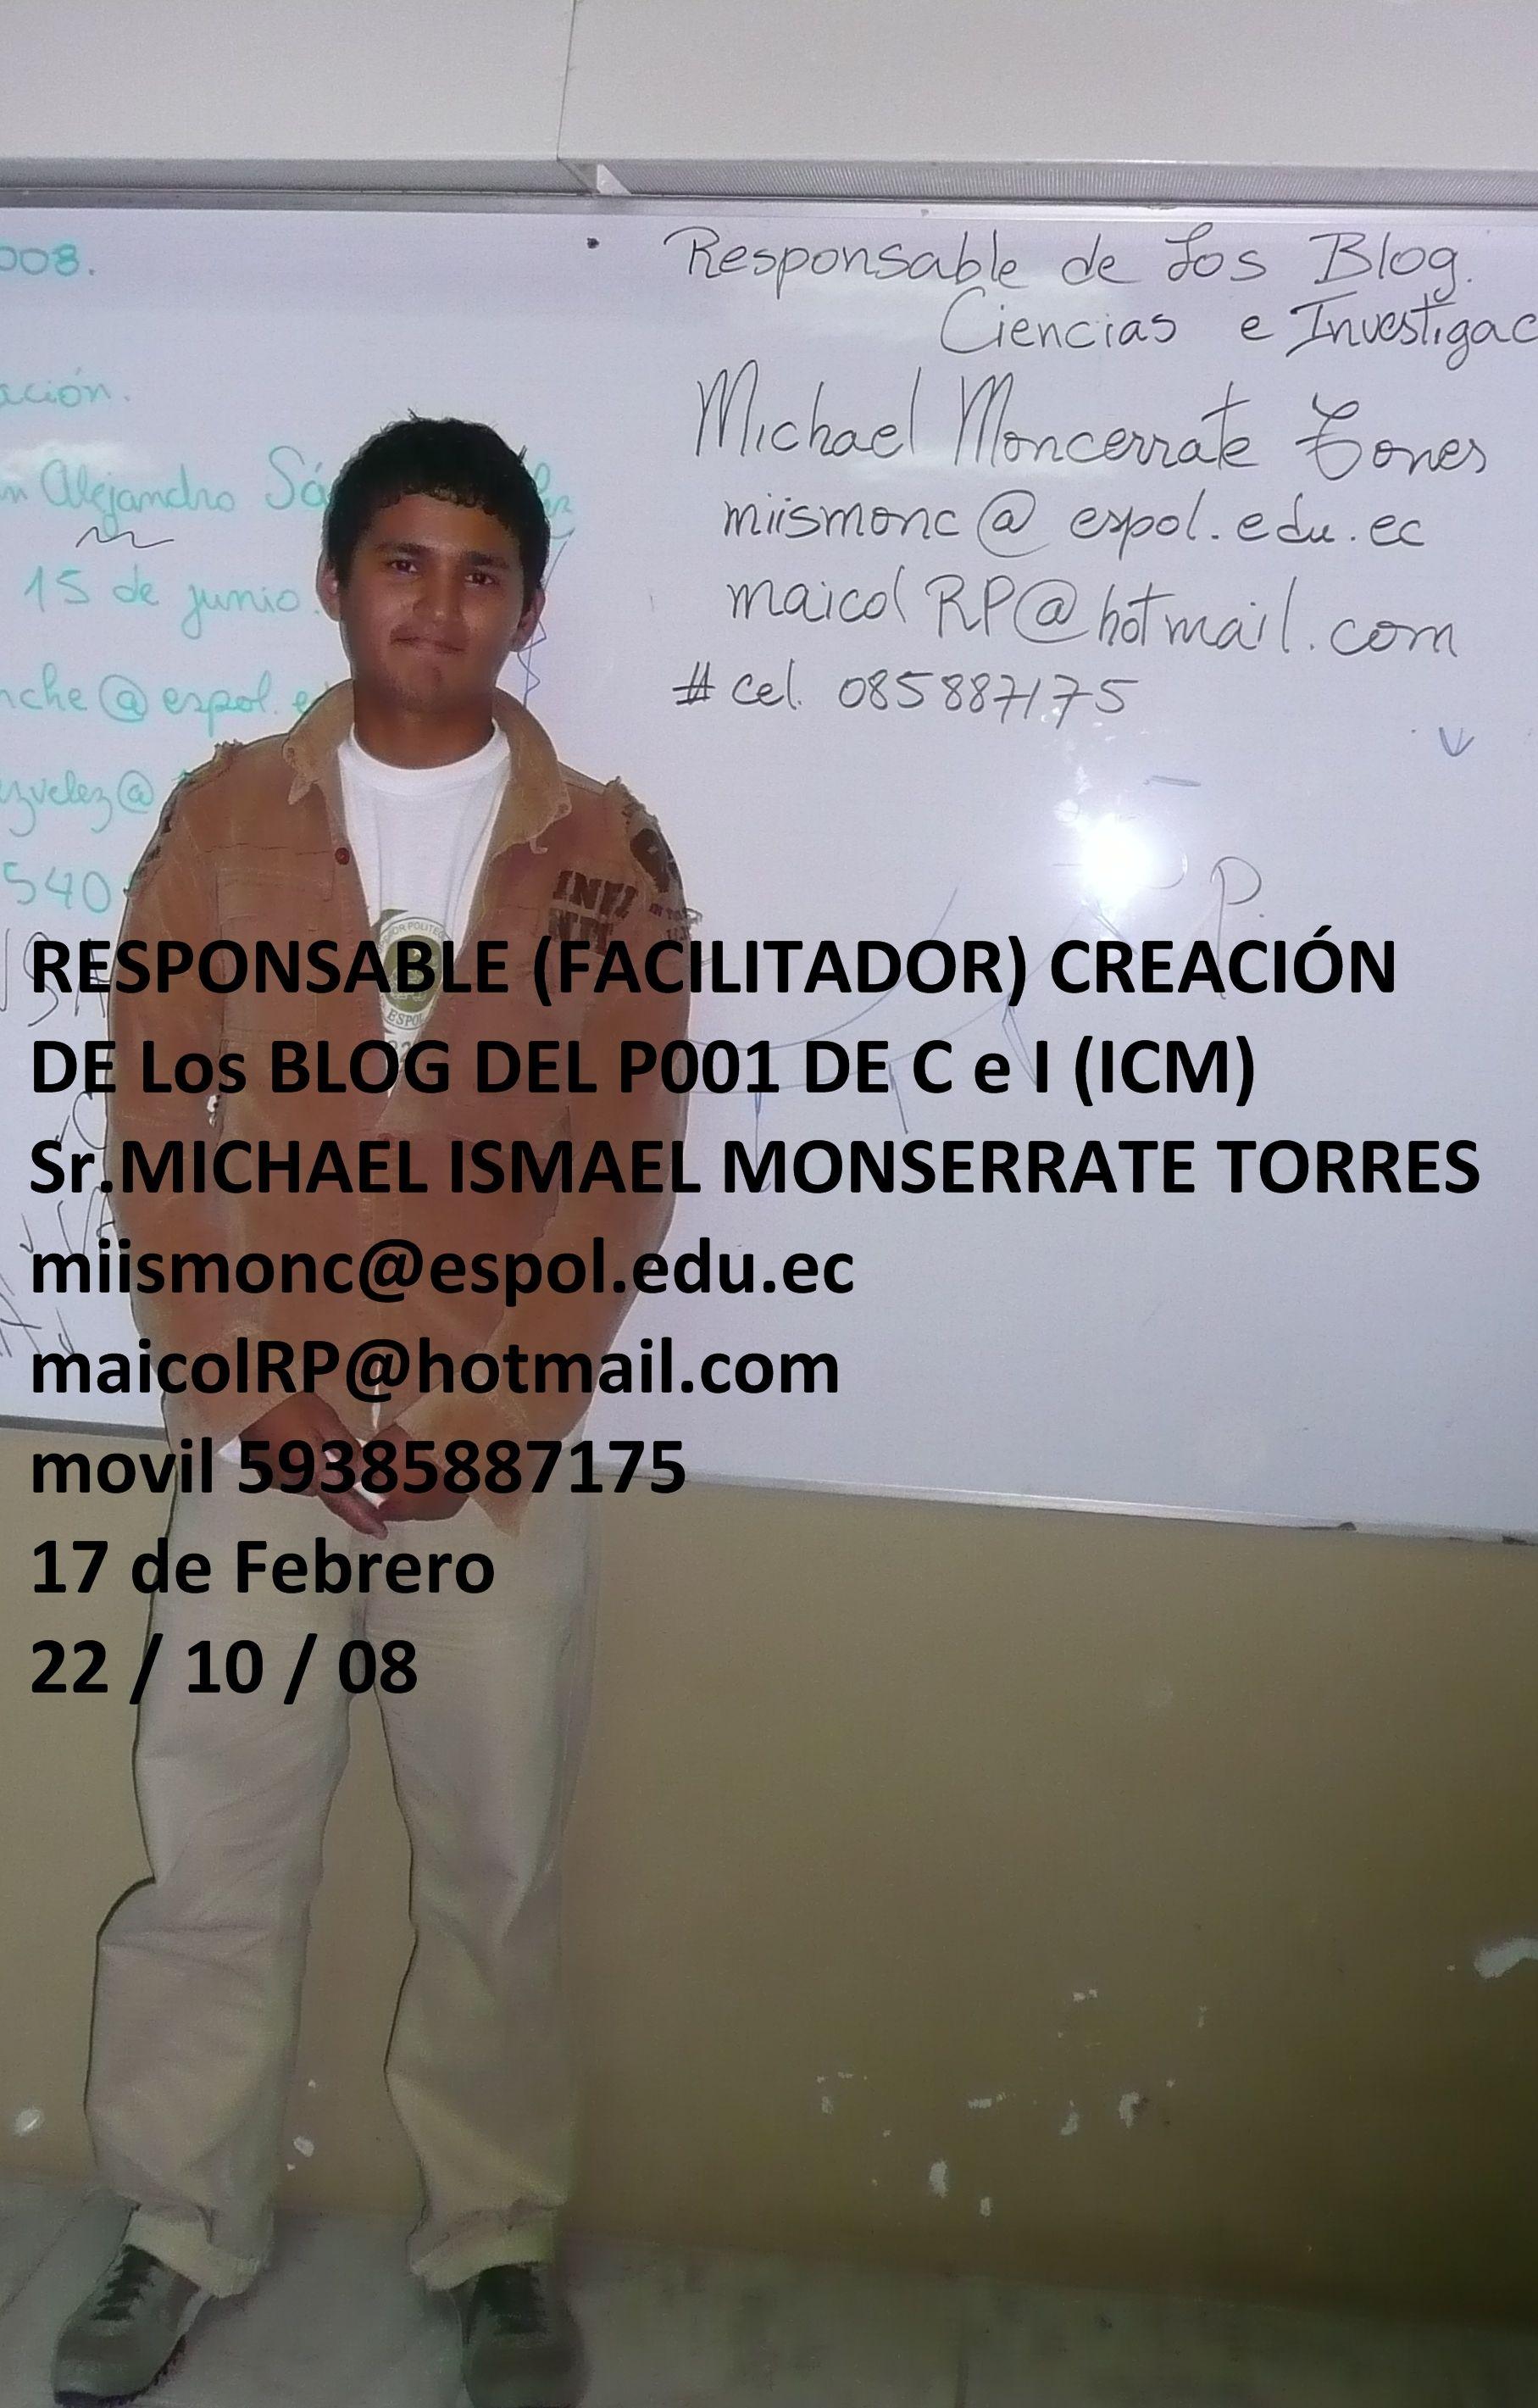 REGISTRO DEL RESPONSABLE DE LA CREACIÓN DE LOS BLOG DEL P001 DE CEI